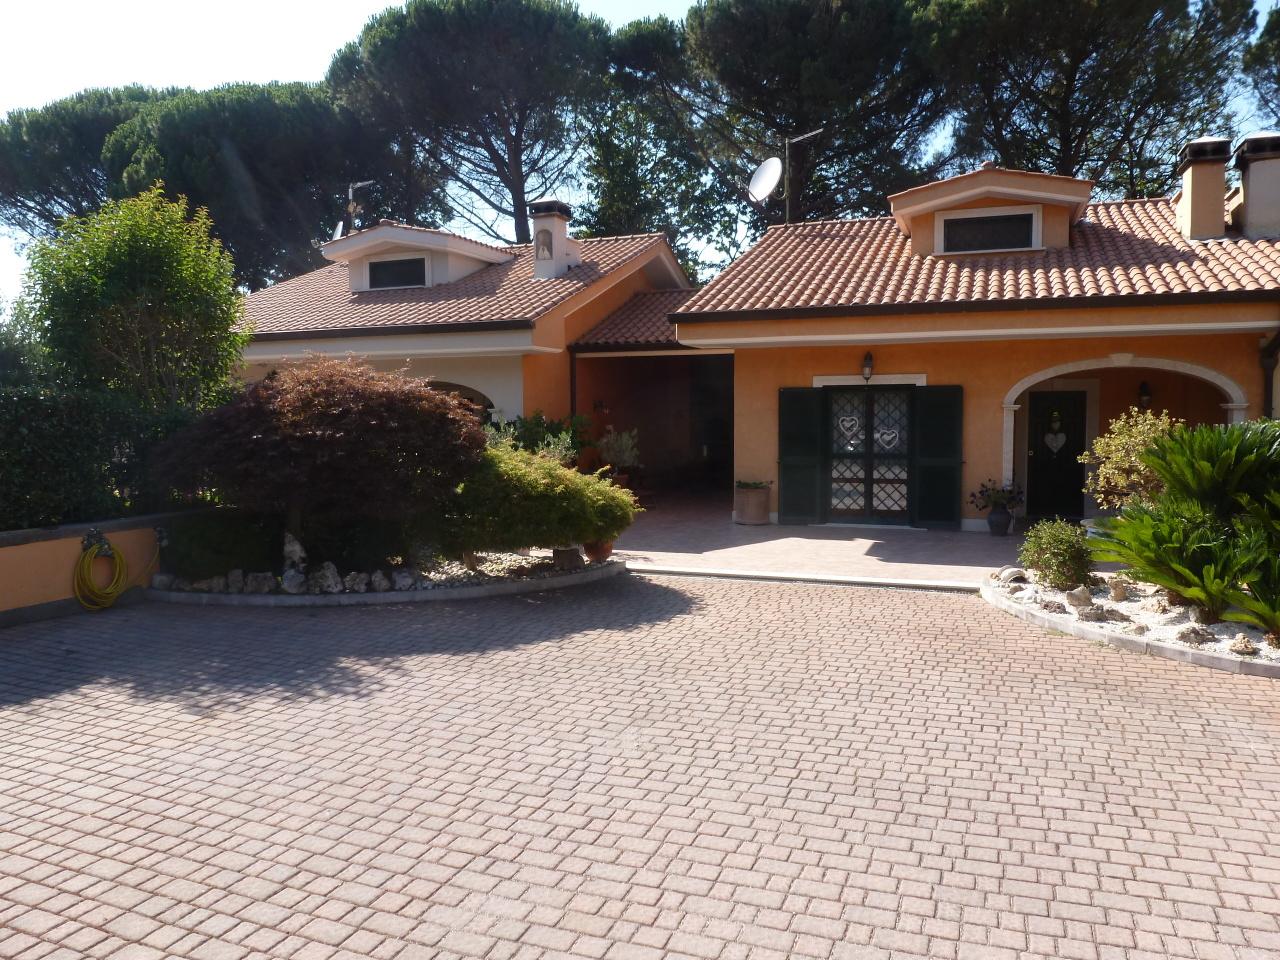 Soluzione Indipendente in vendita a Rocca di Papa, 7 locali, prezzo € 529.000 | CambioCasa.it